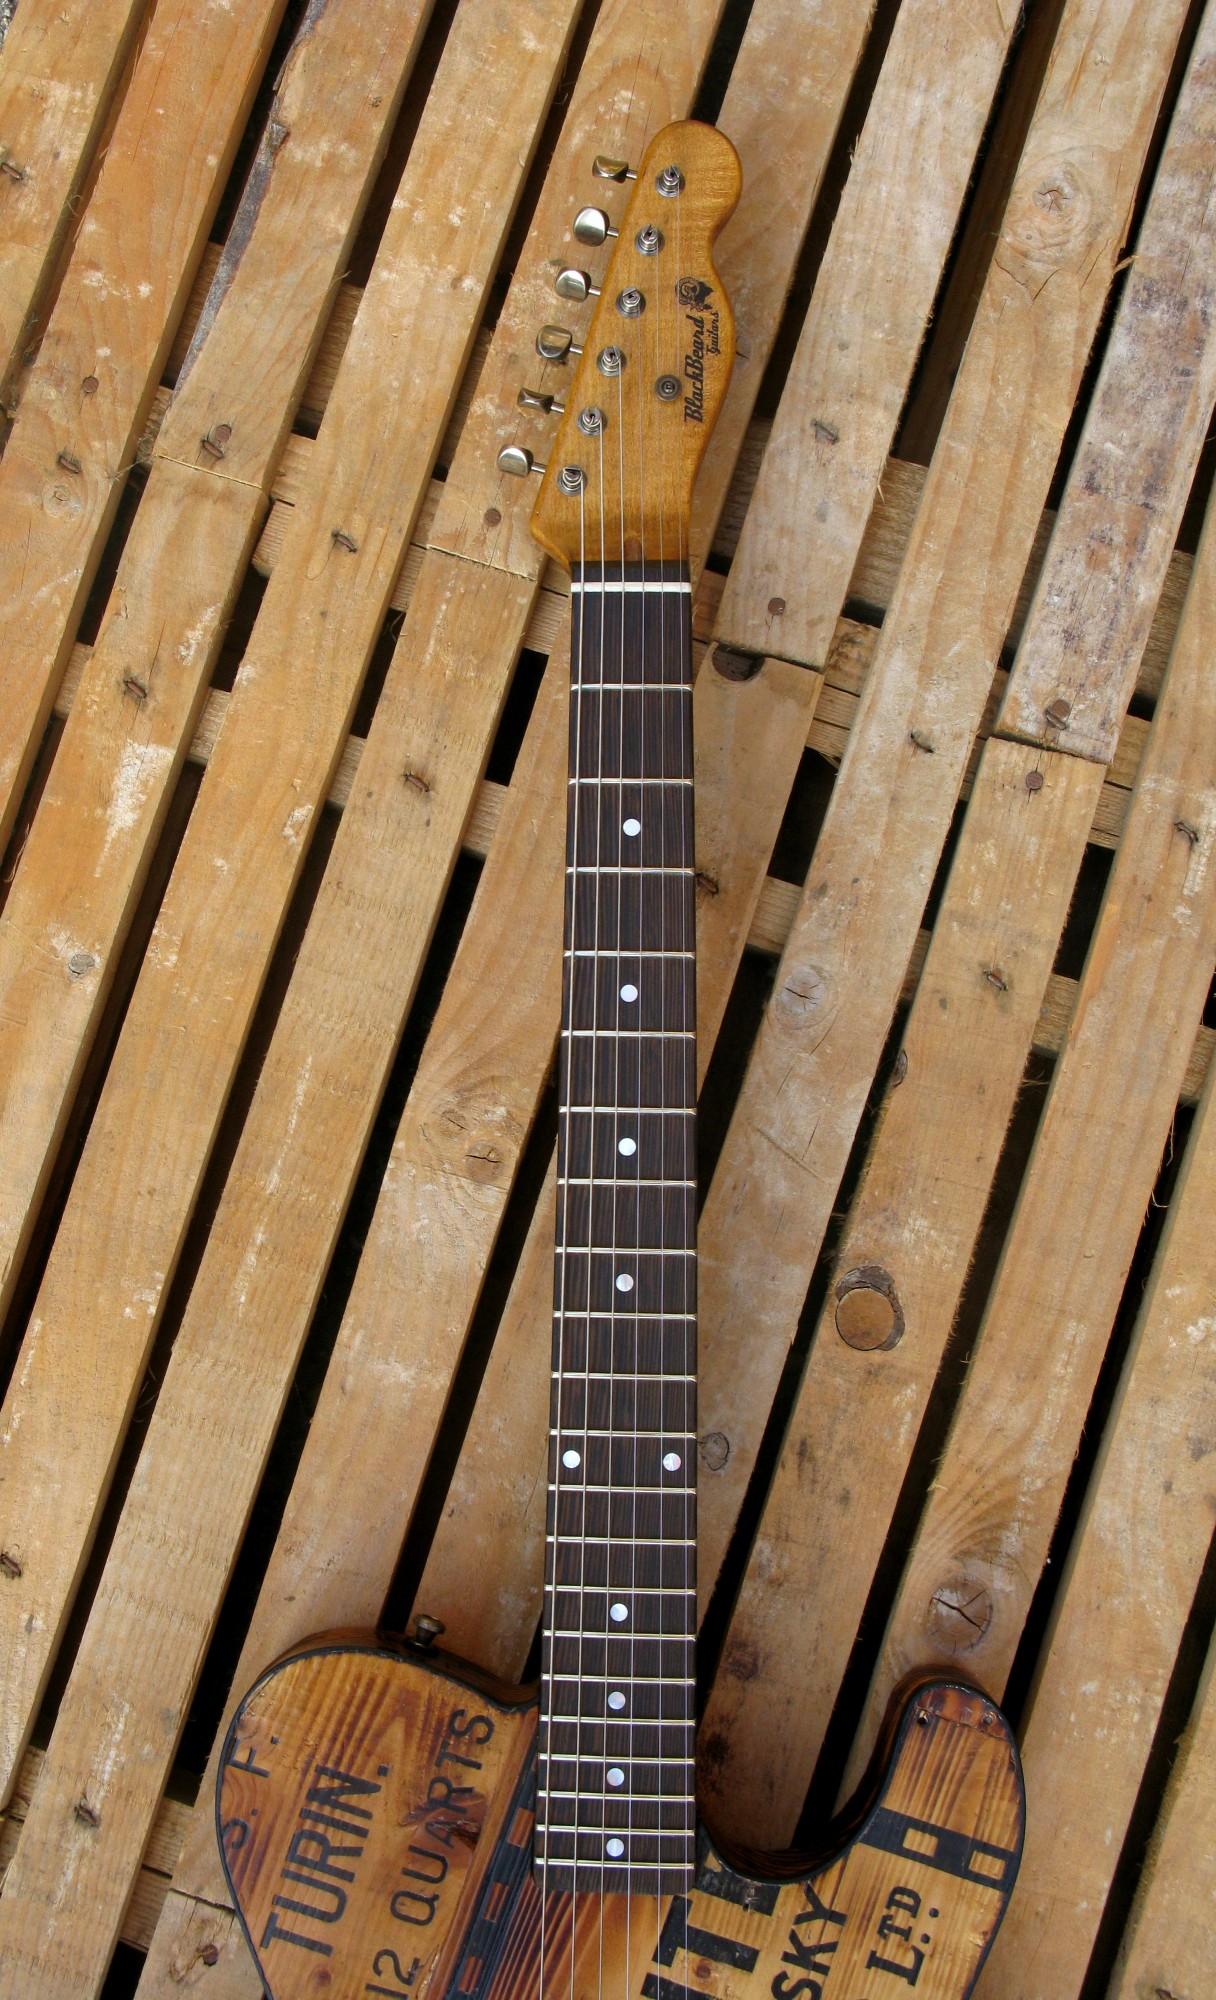 tastiera in wenge di una telecaster in pino con top ricevuto da cassa di whisky